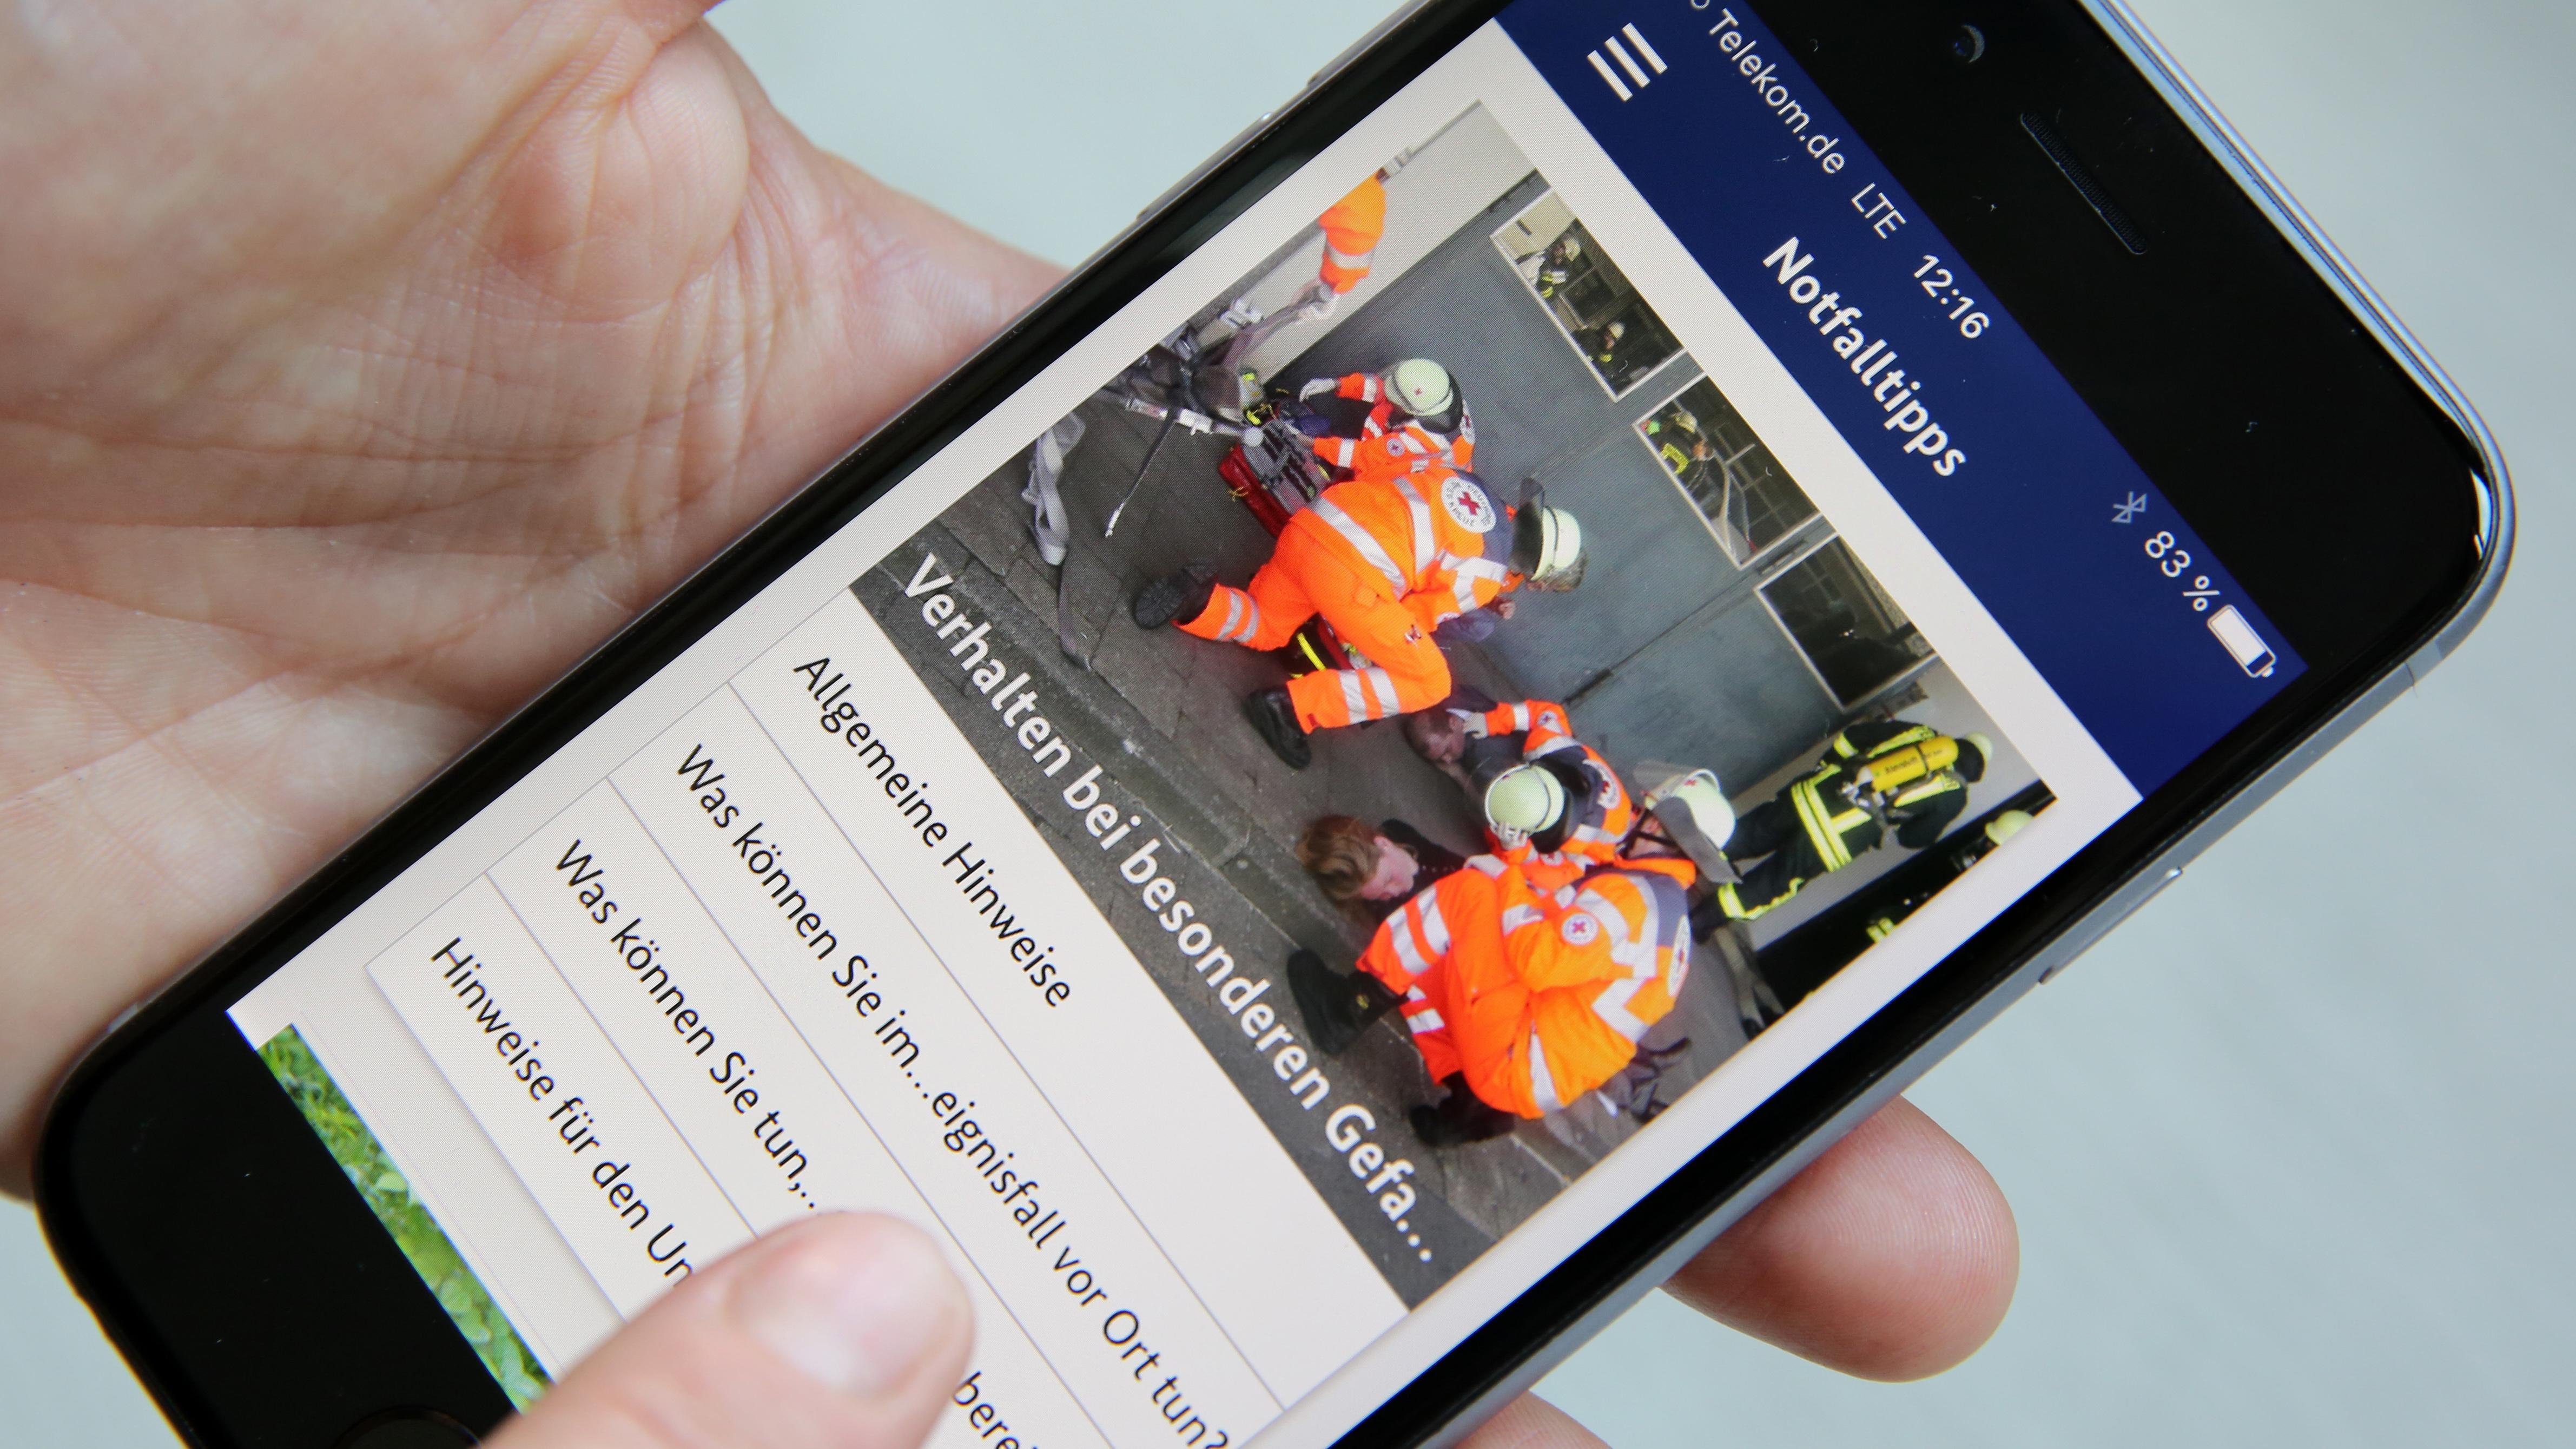 Die App NINA (Notfall-Informations- und Nachrichten-App des Bundes)